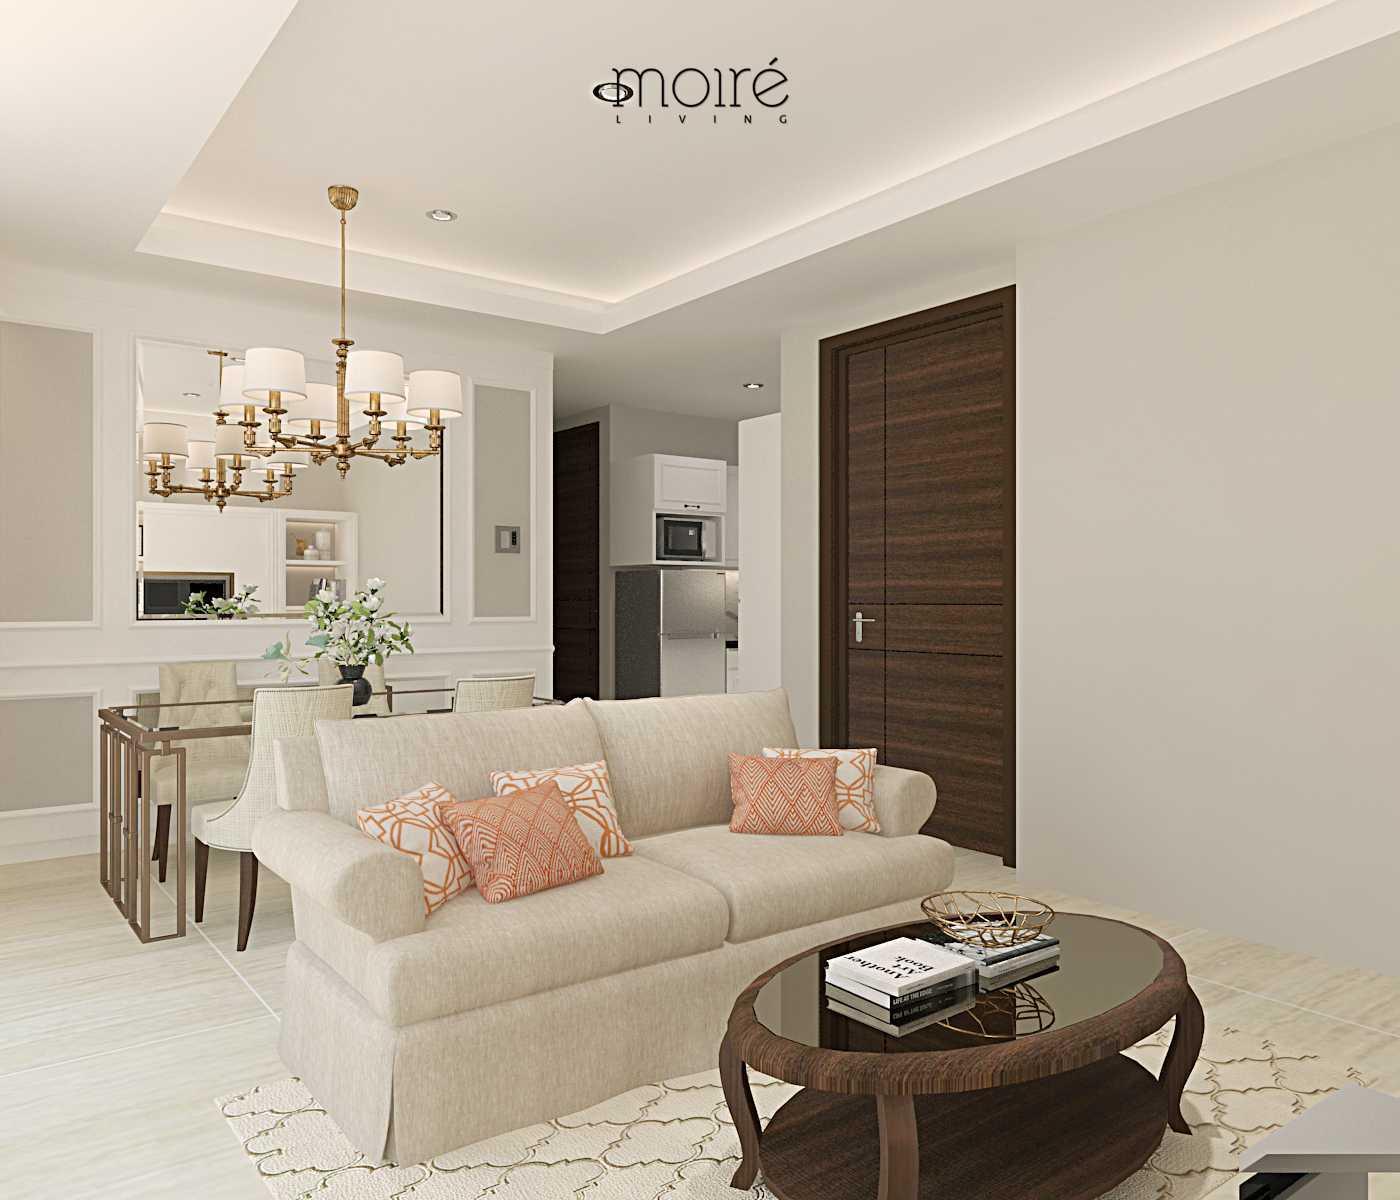 Moire Living Windsor Apartment Jakarta Barat, Kb. Jeruk, Kota Jakarta Barat, Daerah Khusus Ibukota Jakarta, Indonesia  Moire-Living-Windsor-Apartment Klasik 54862